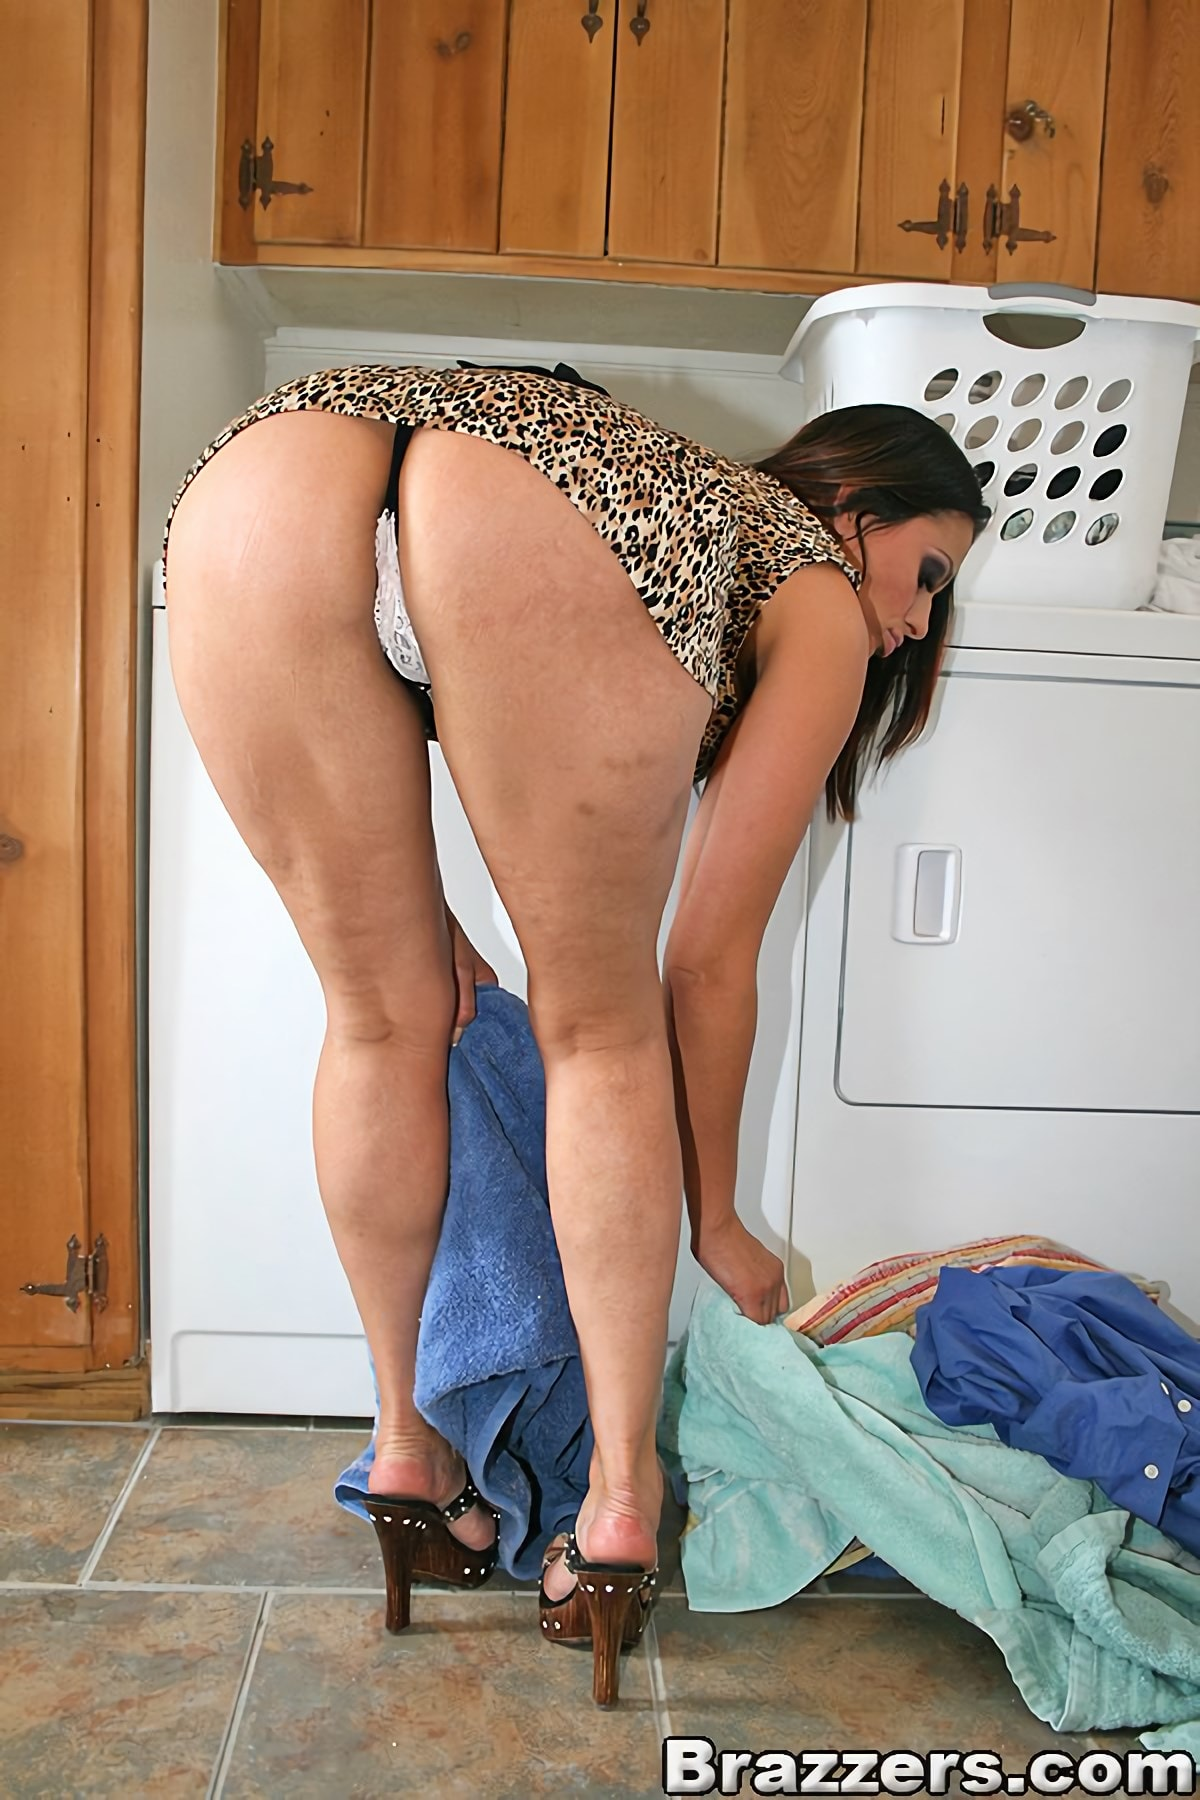 Порно фото у мамы под юбкой 83062 фотография